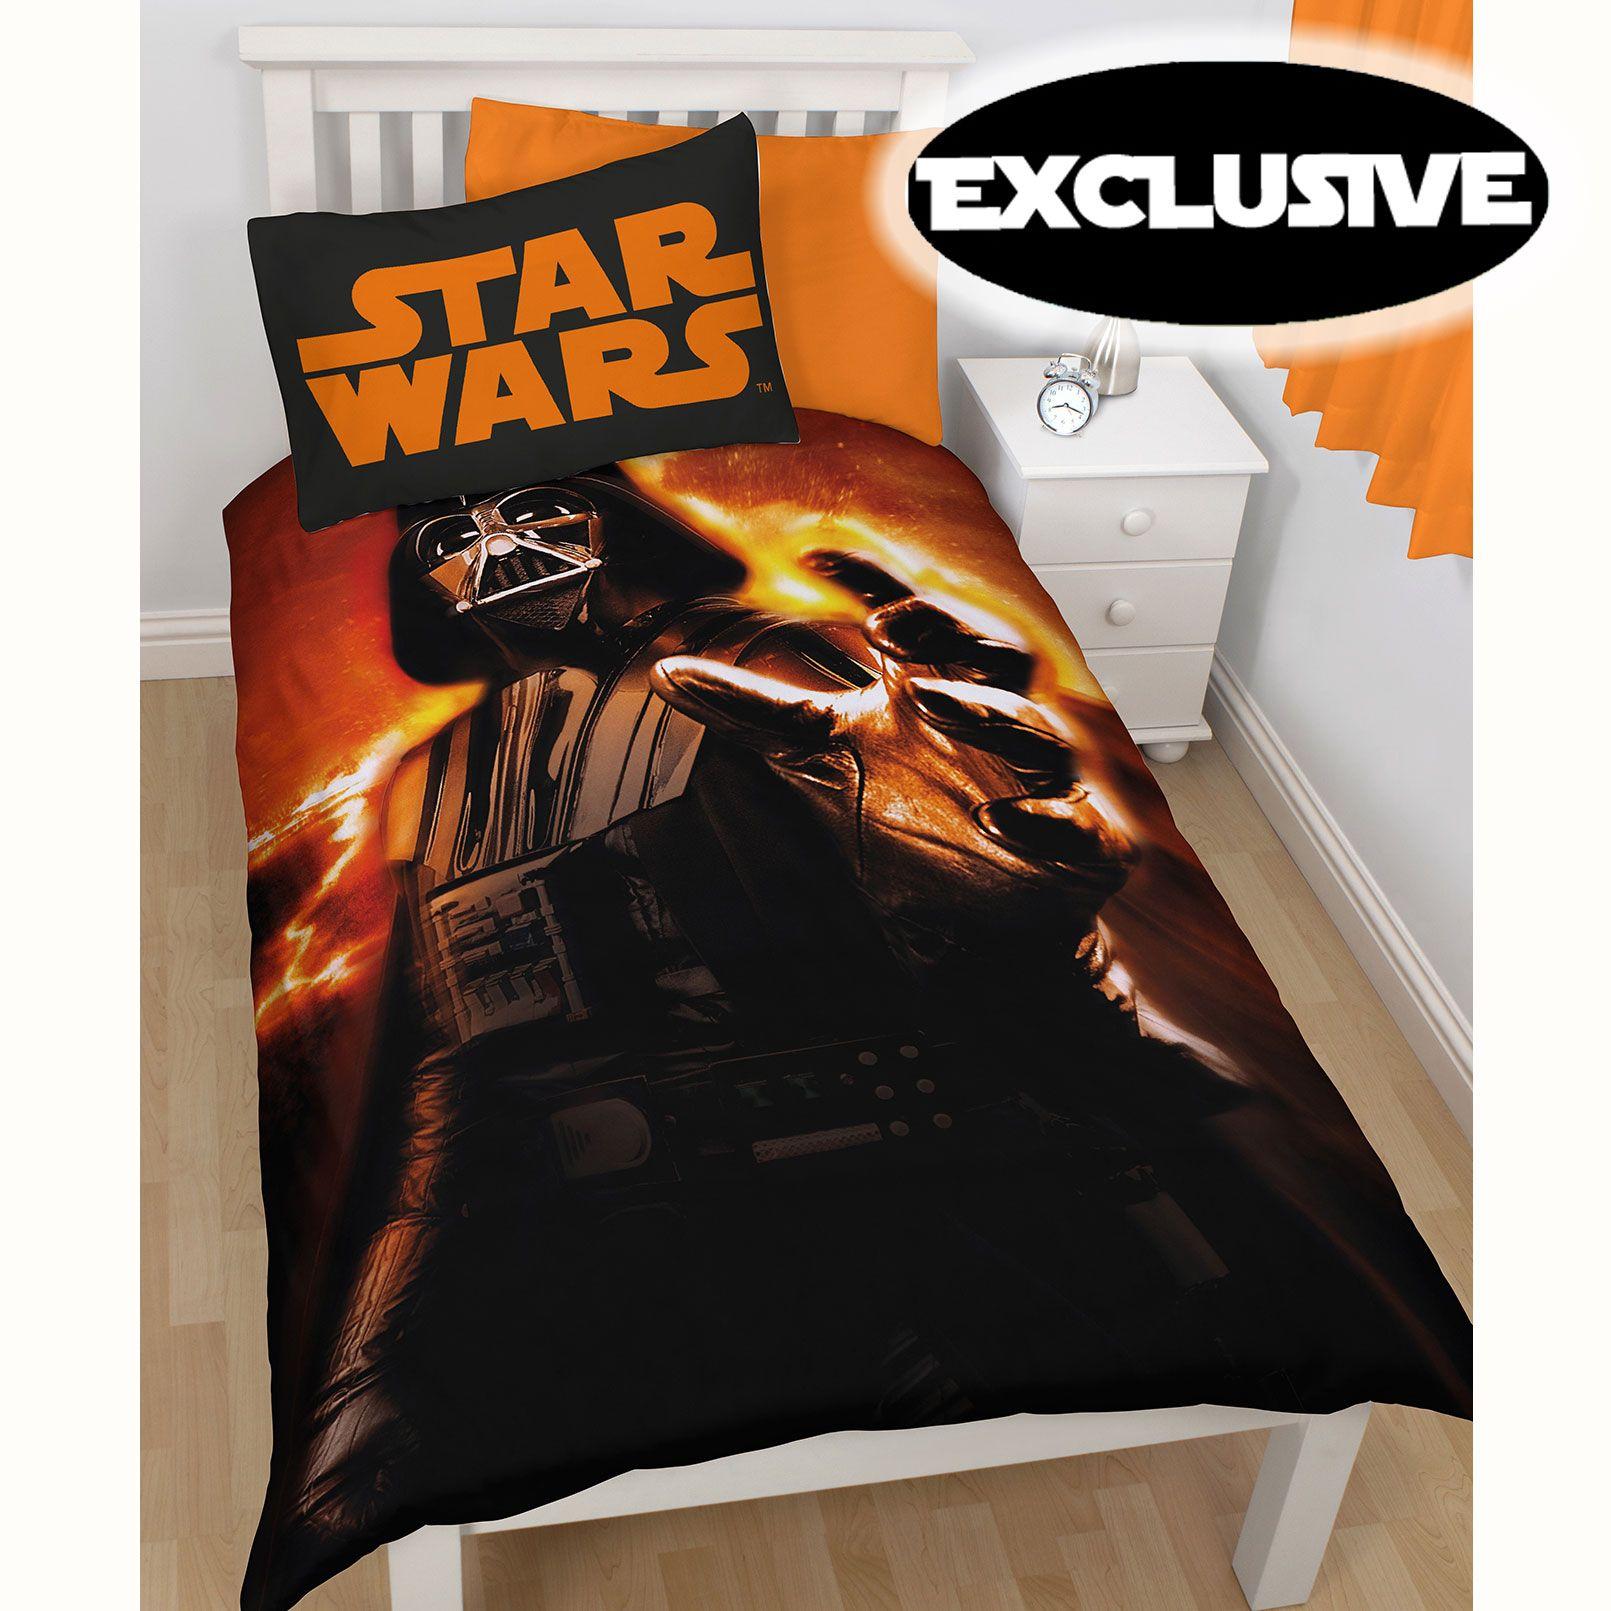 Official Star Wars Lego Duvet Cover Sets Bedding Kids